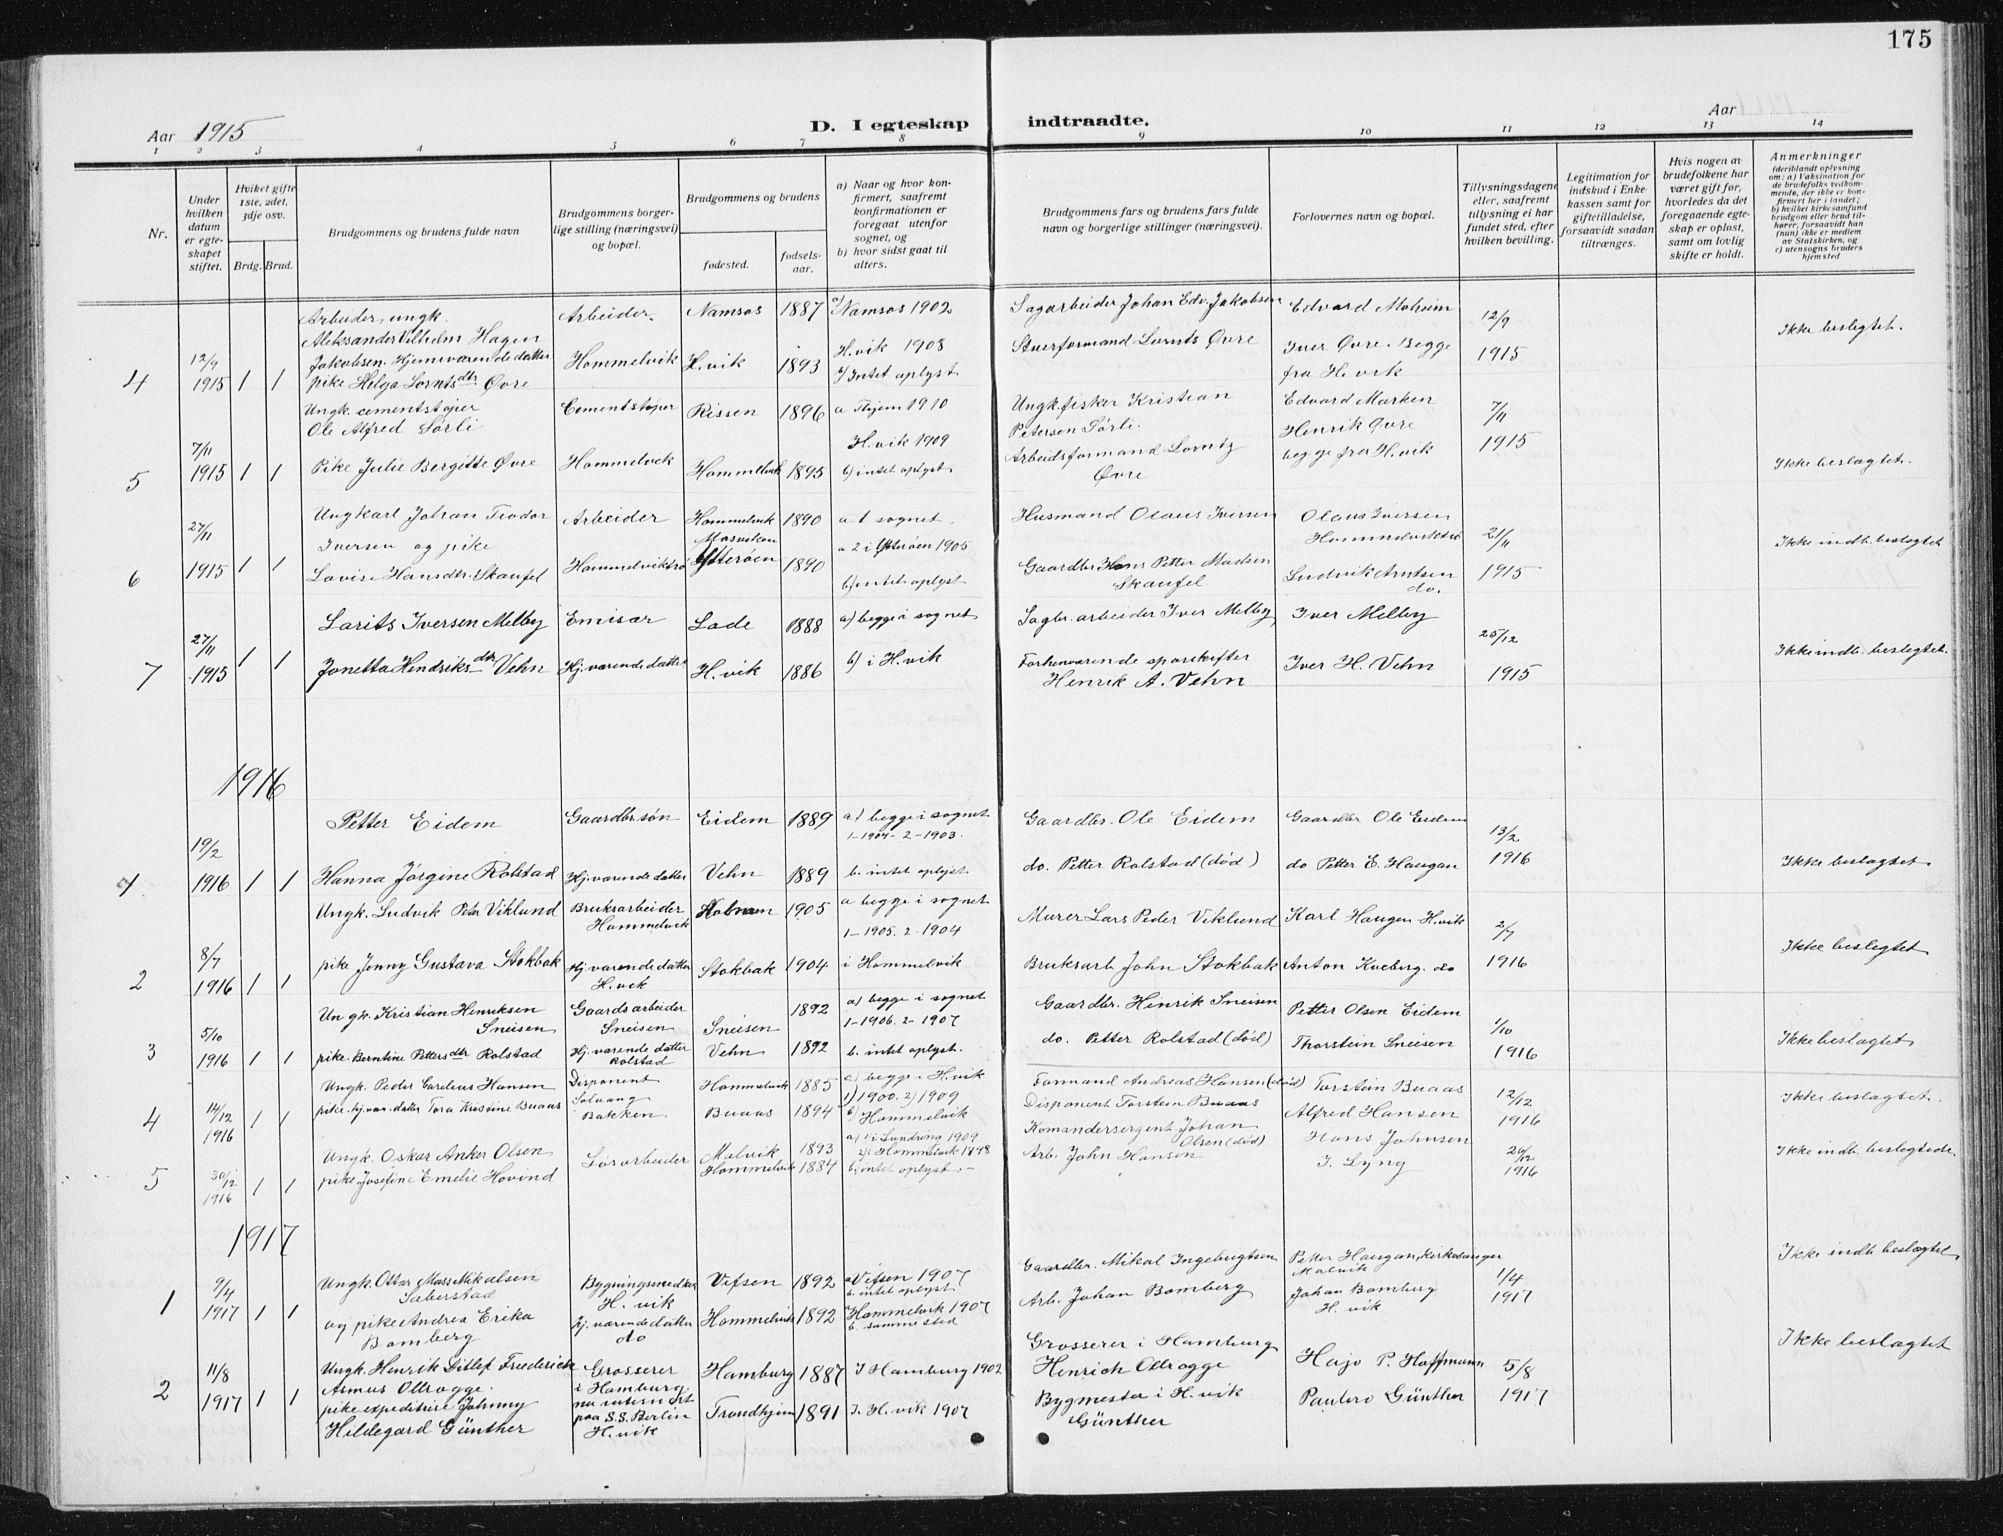 SAT, Ministerialprotokoller, klokkerbøker og fødselsregistre - Sør-Trøndelag, 617/L0431: Klokkerbok nr. 617C02, 1910-1936, s. 175